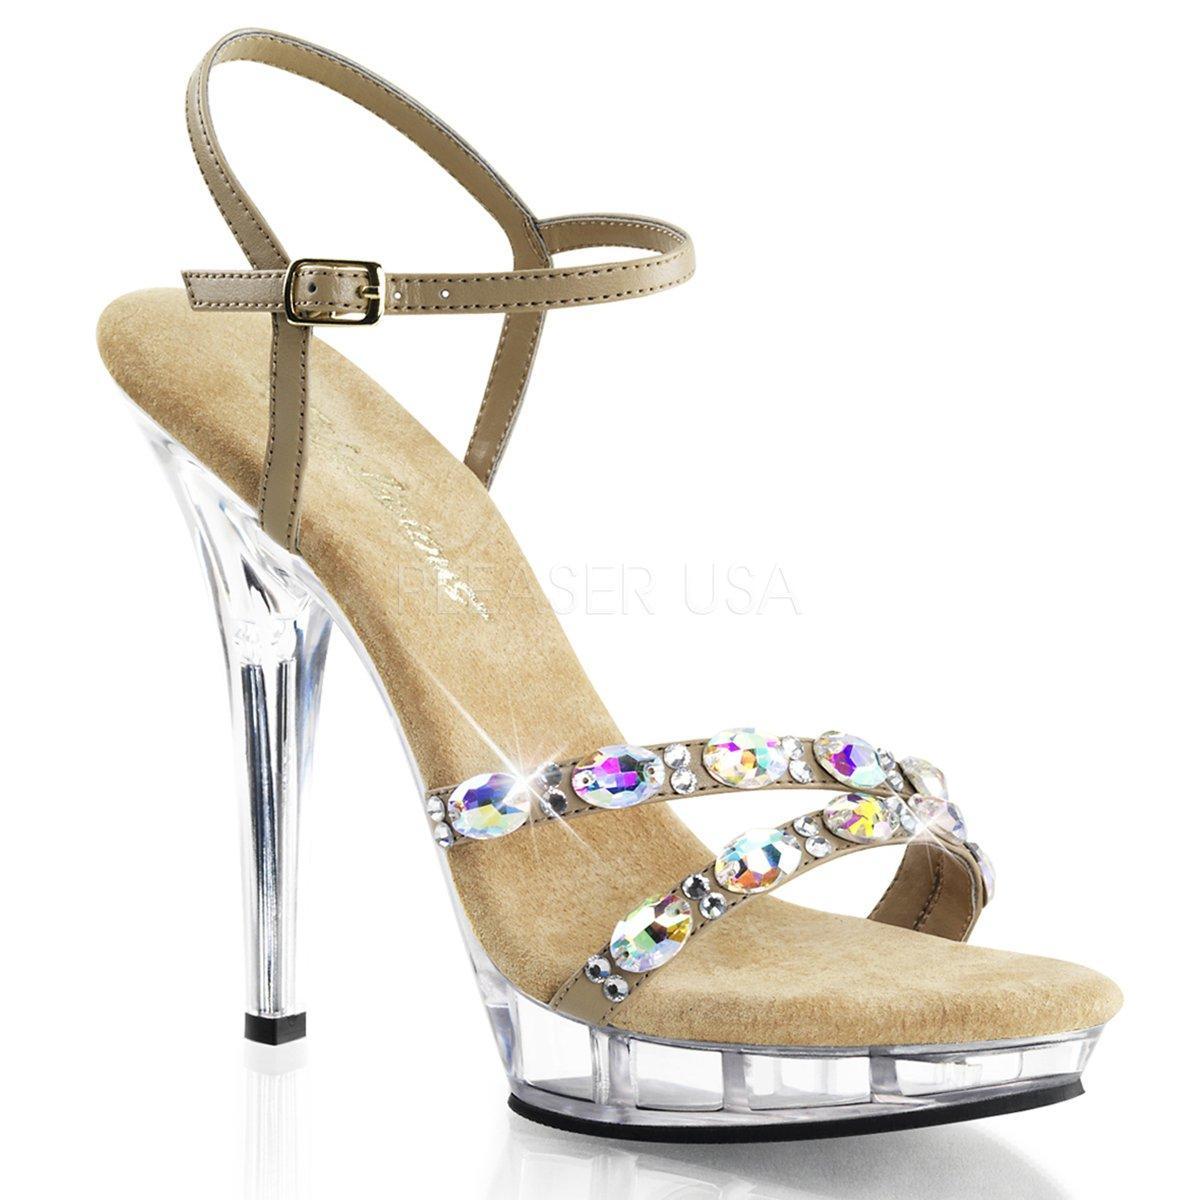 b44fd4c9e8 LIP-133 Elegantní zlaté společenské sandálky s pásky posázenými kameny